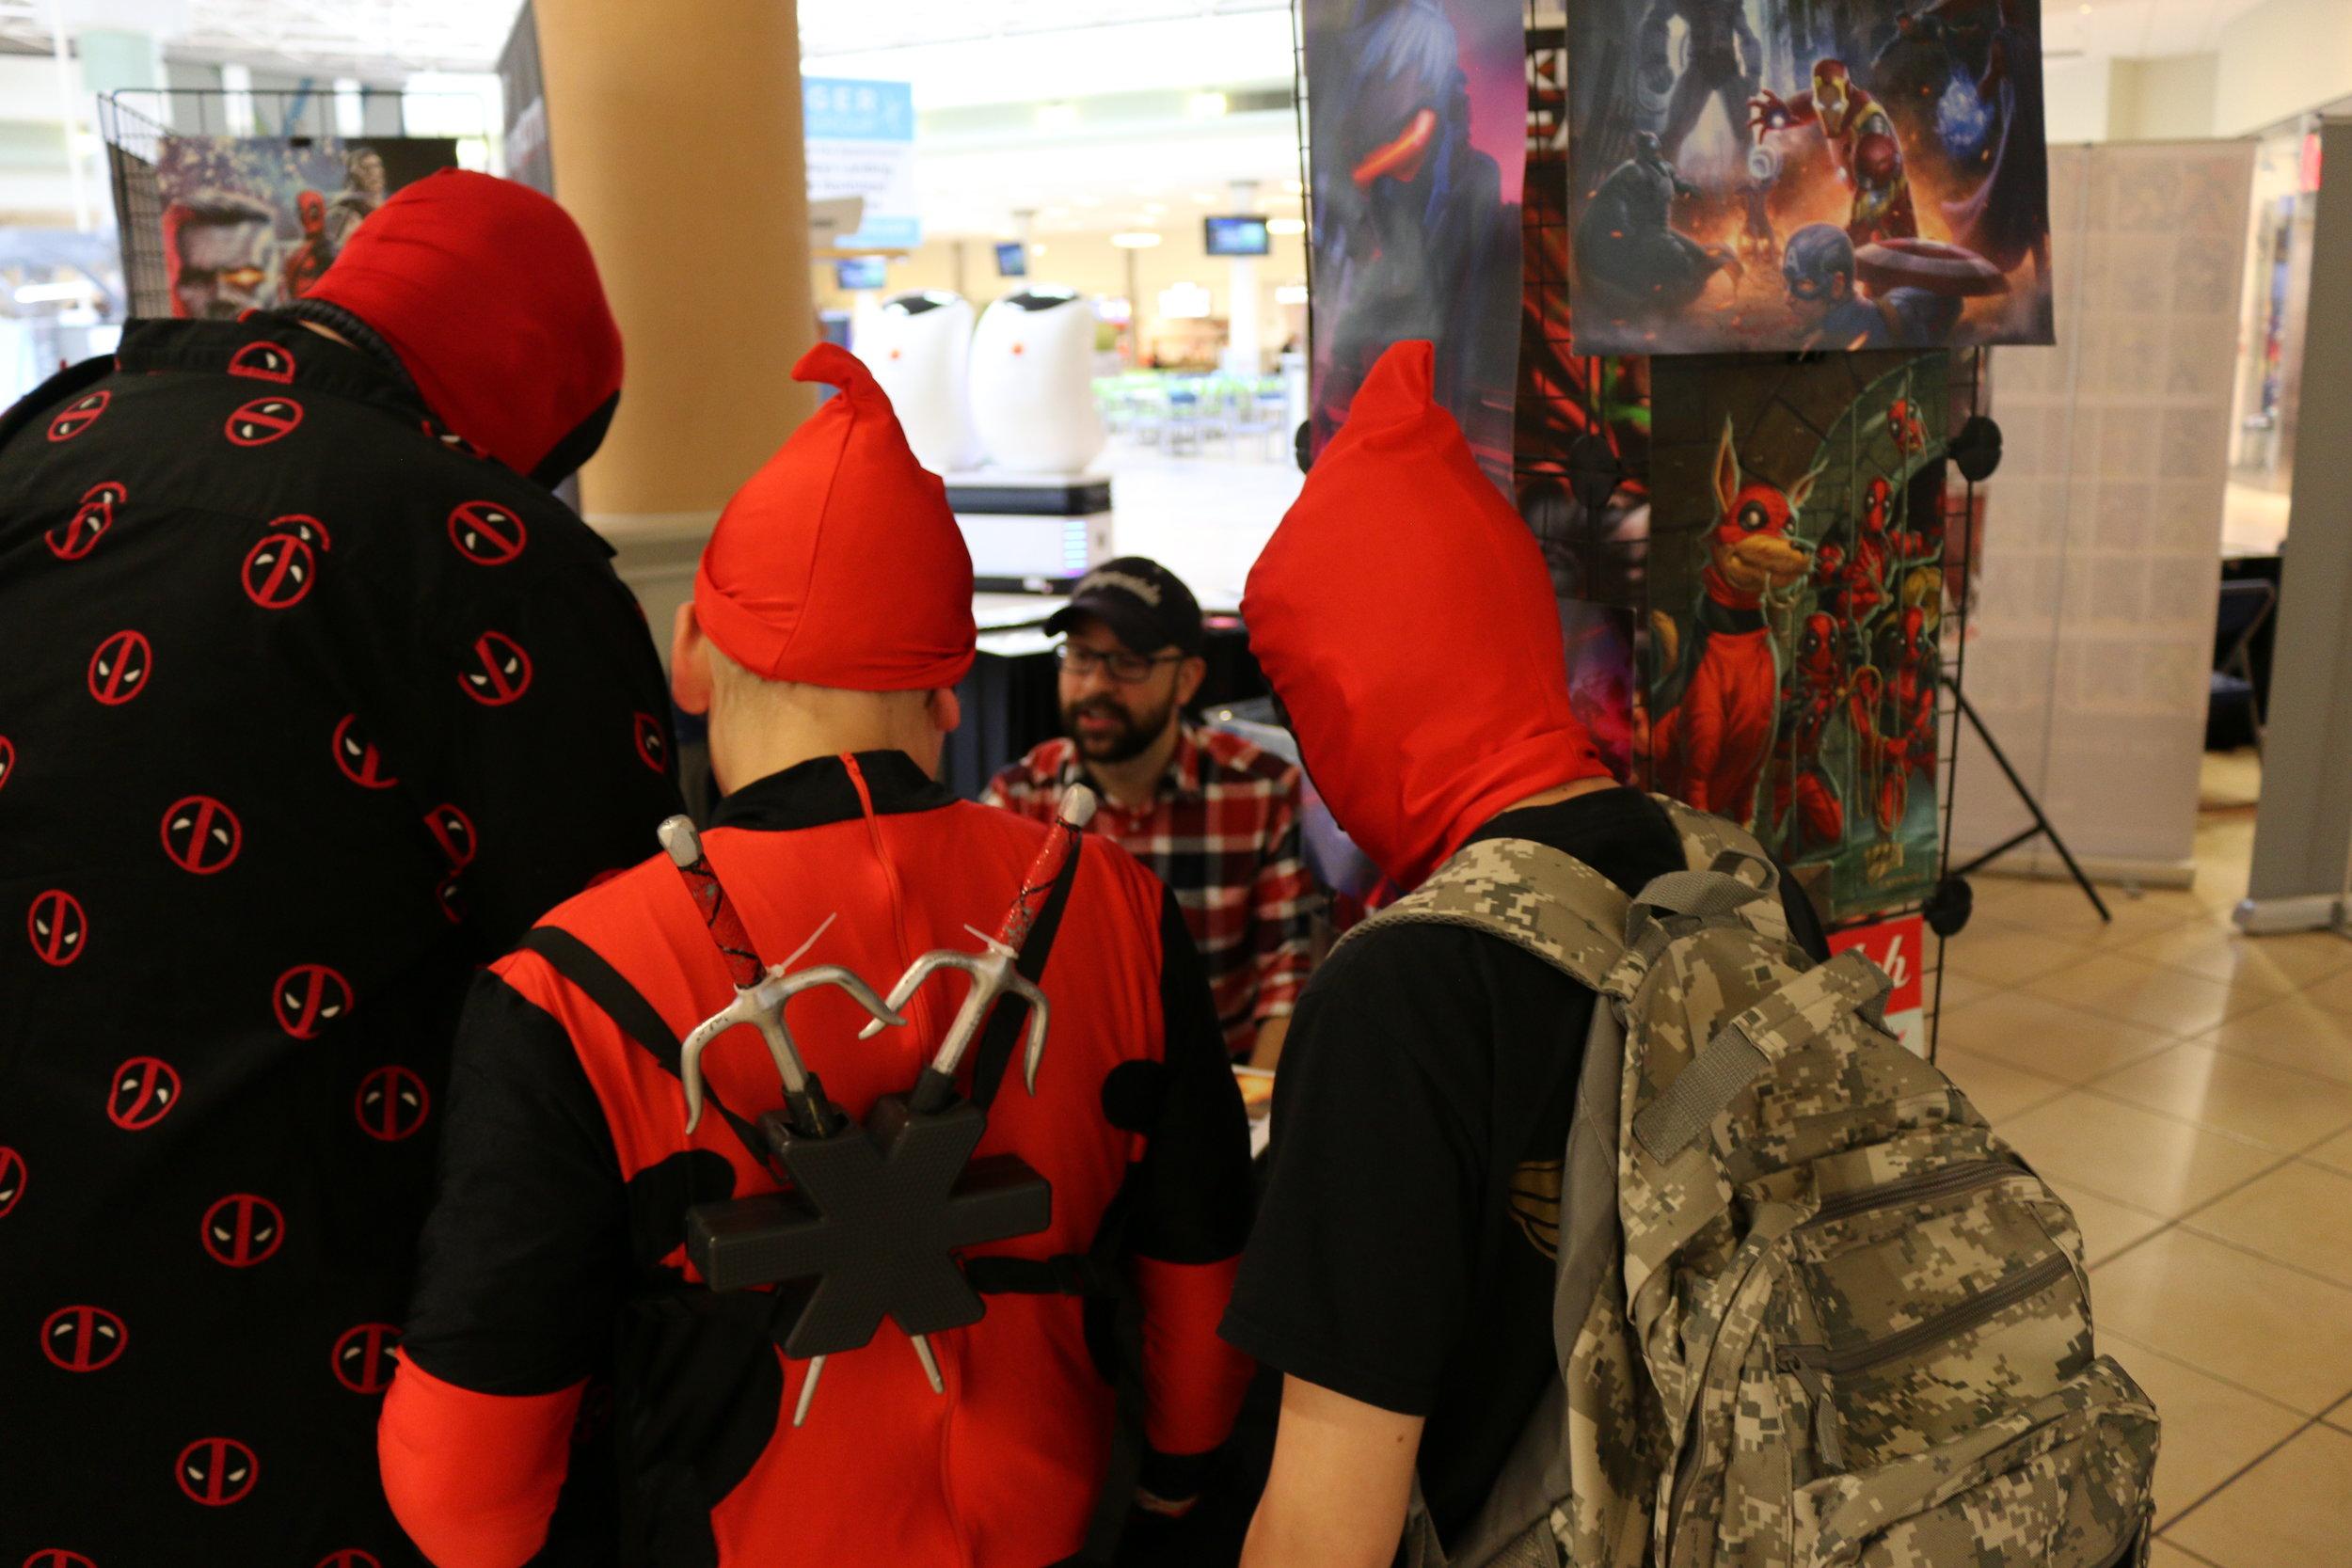 Deadpools Meet Deadpool Artist